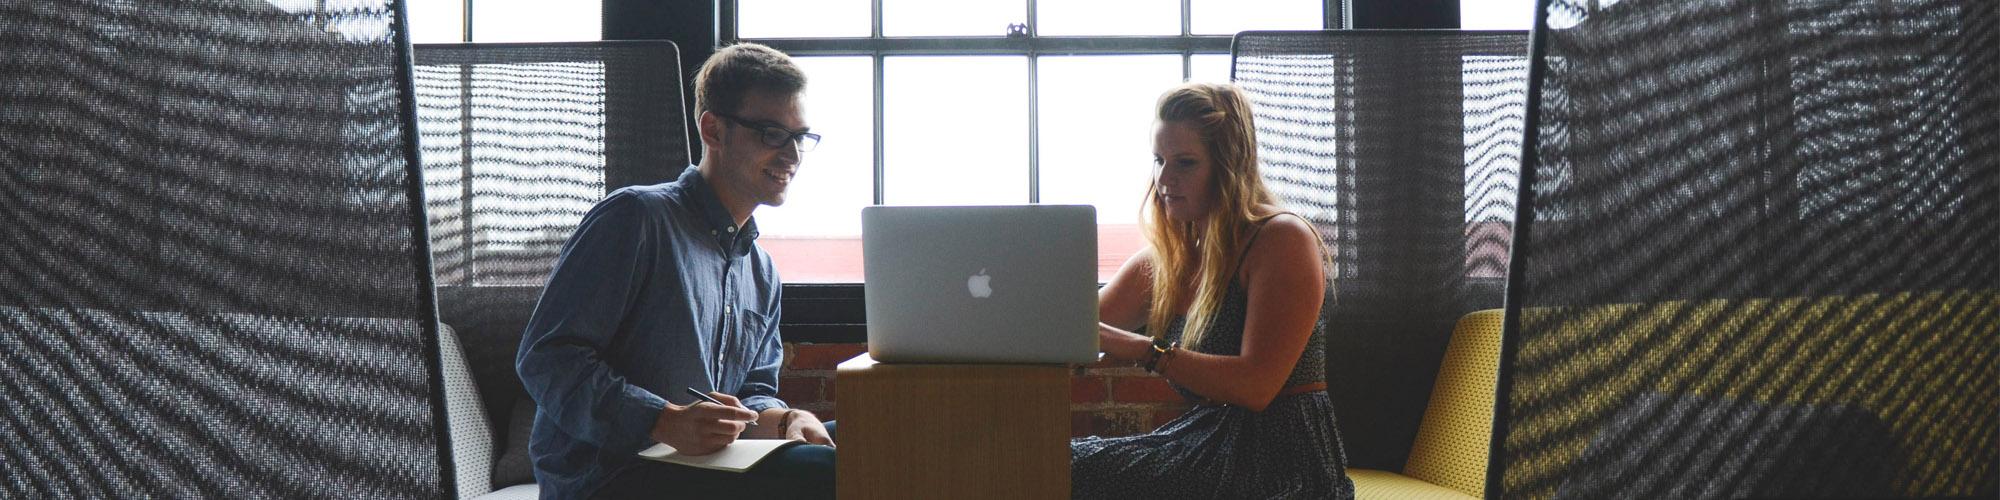 sap partner, it lösungen, unternehmenssoftware, business software, prozessoptimierung software, software kleinunternehmen